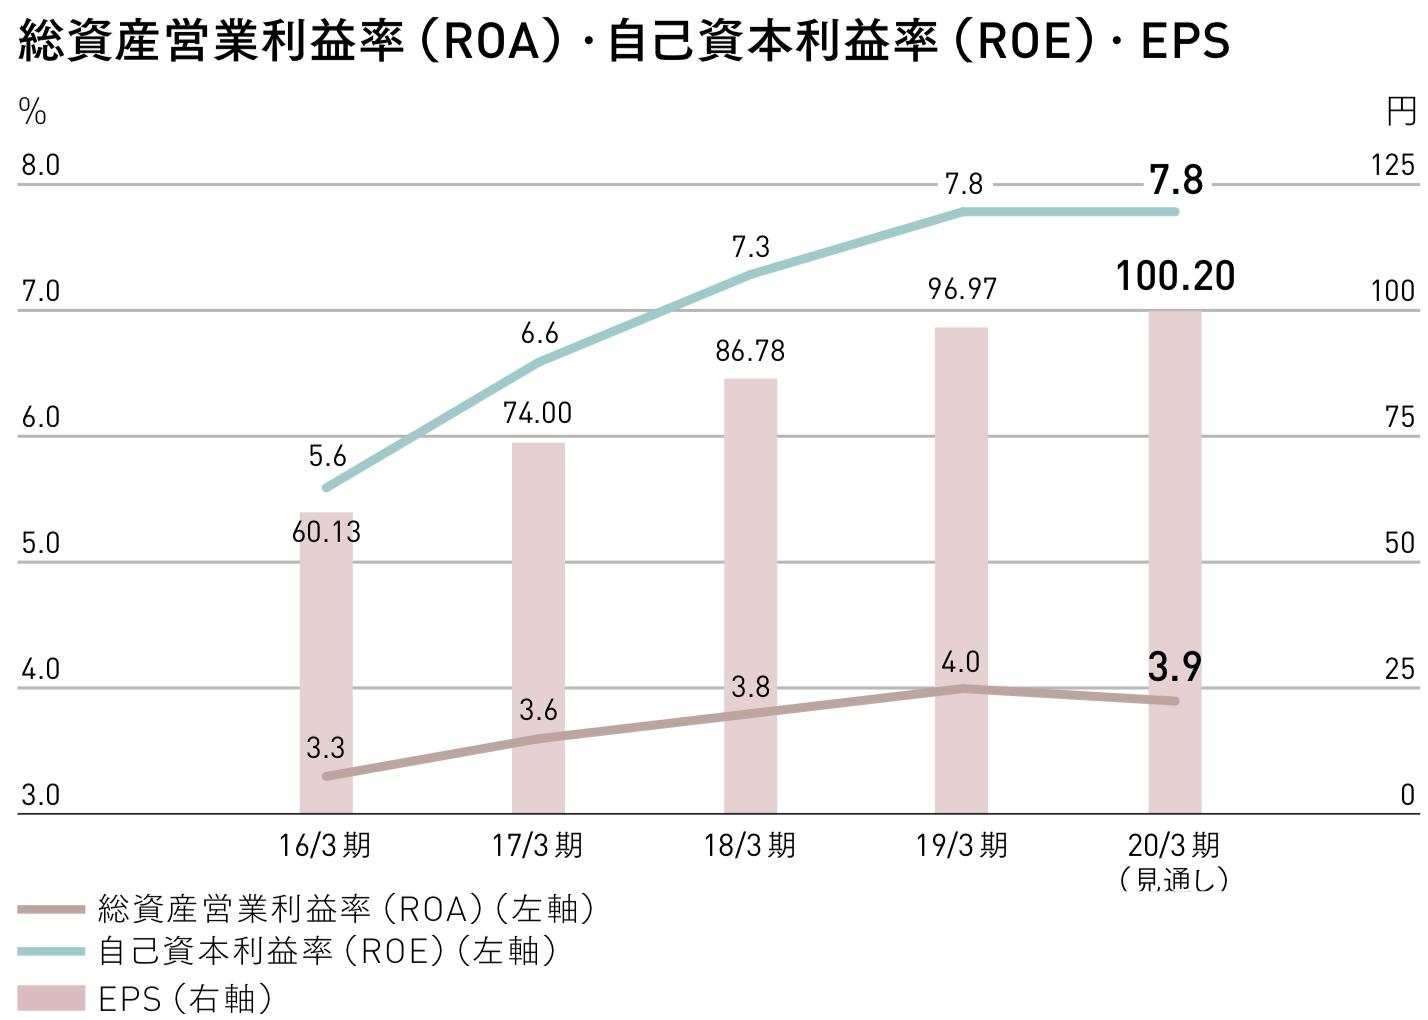 三菱地所 総資産営業利益率(ROA)・自己資本利益率(ROE)・ EPS